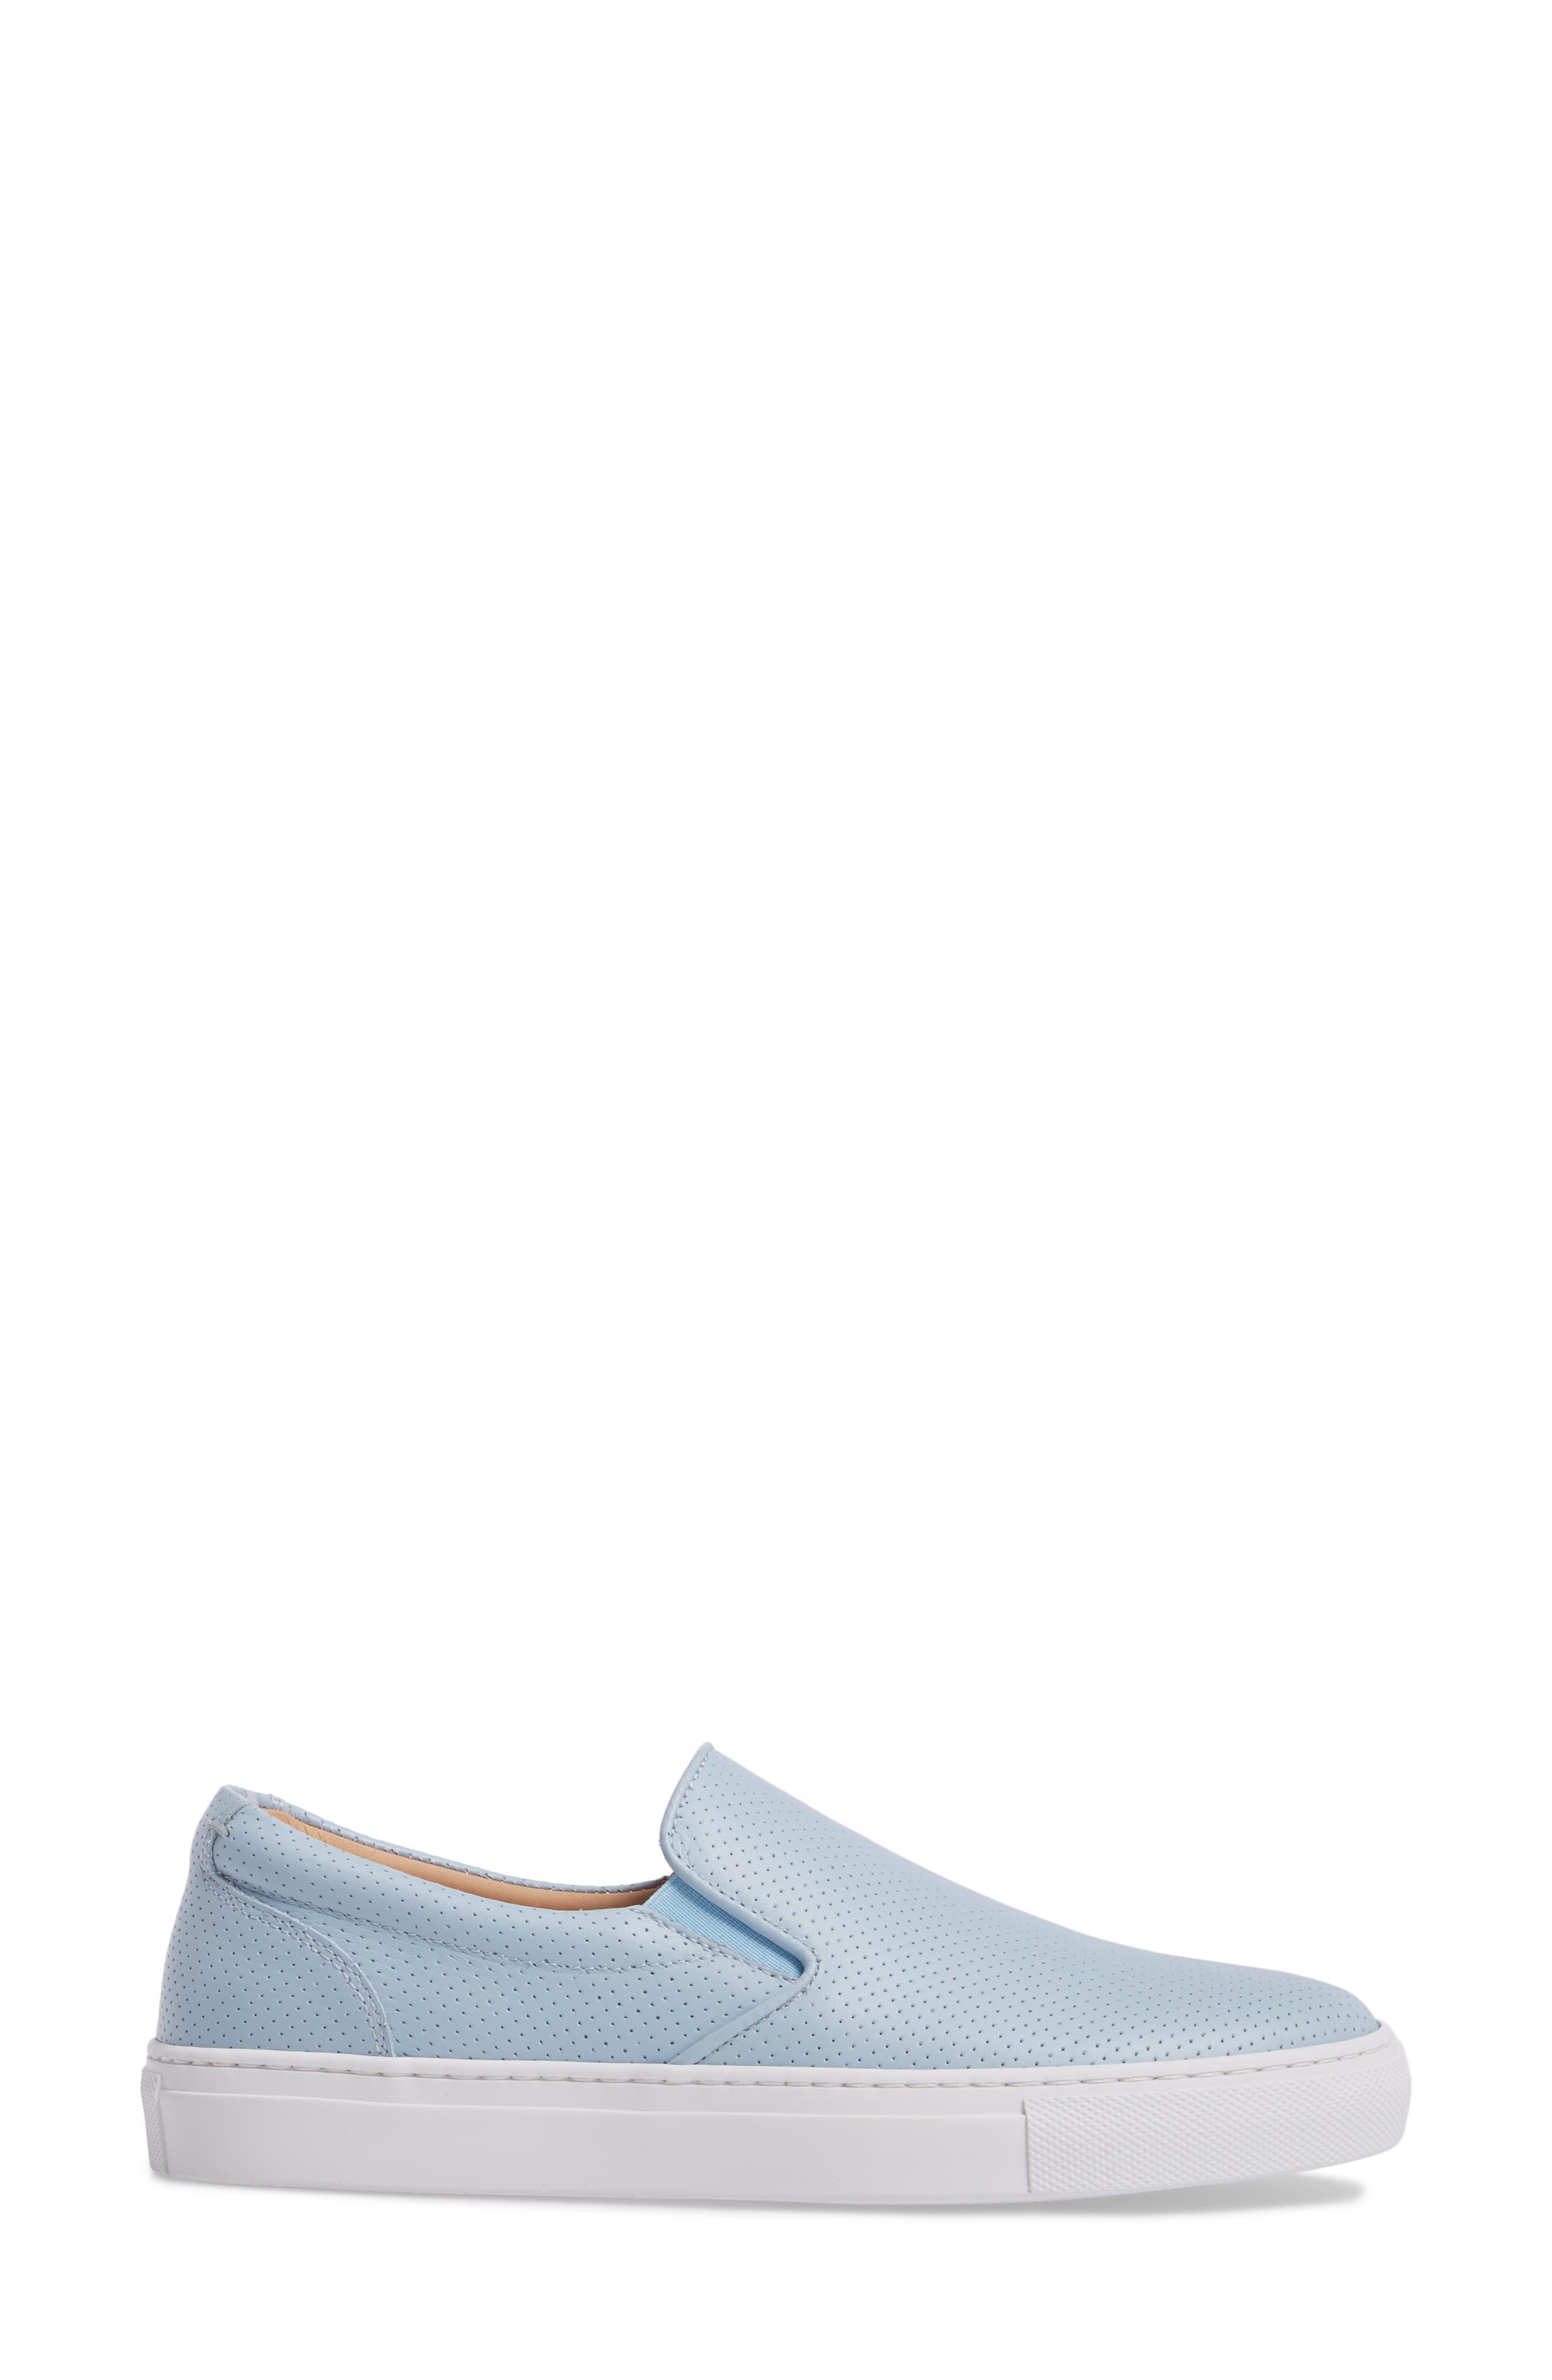 Alternate Image 3  - Greats Wooster Slip-On Sneaker (Women)